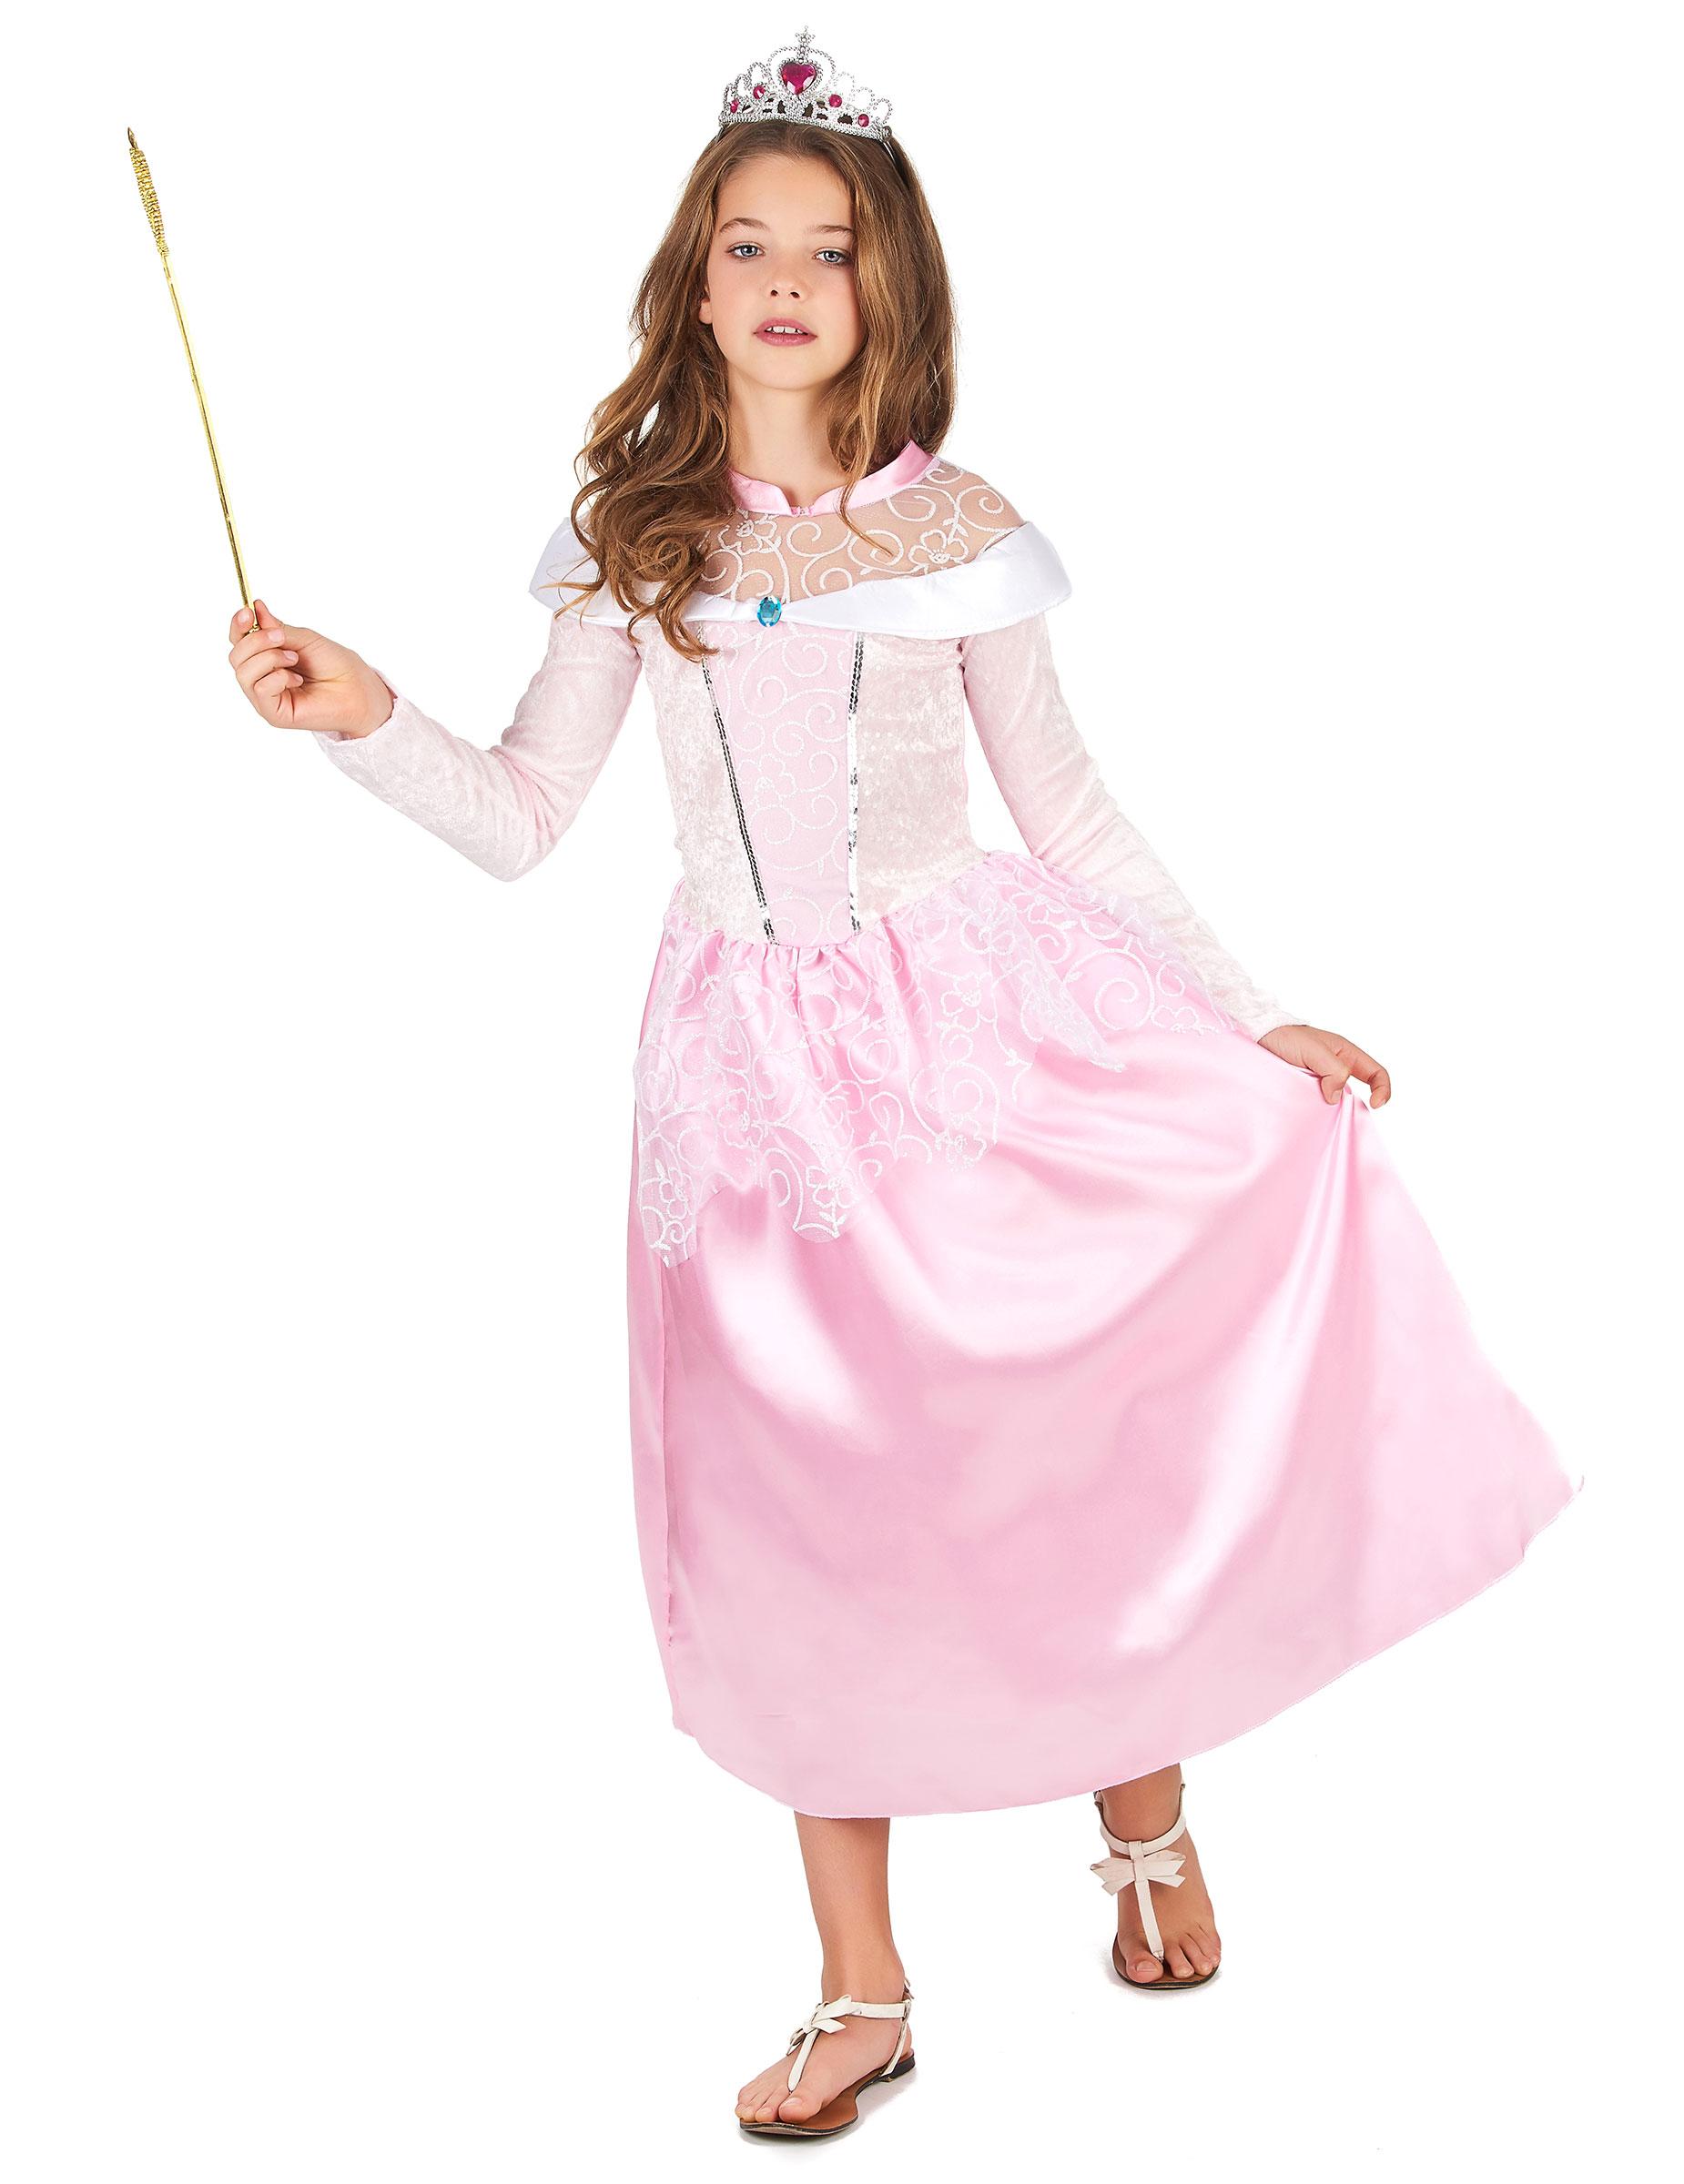 D guisement princesse rose fille achat de d guisements enfants sur vegaoopro grossiste en - Deguisement fille princesse ...